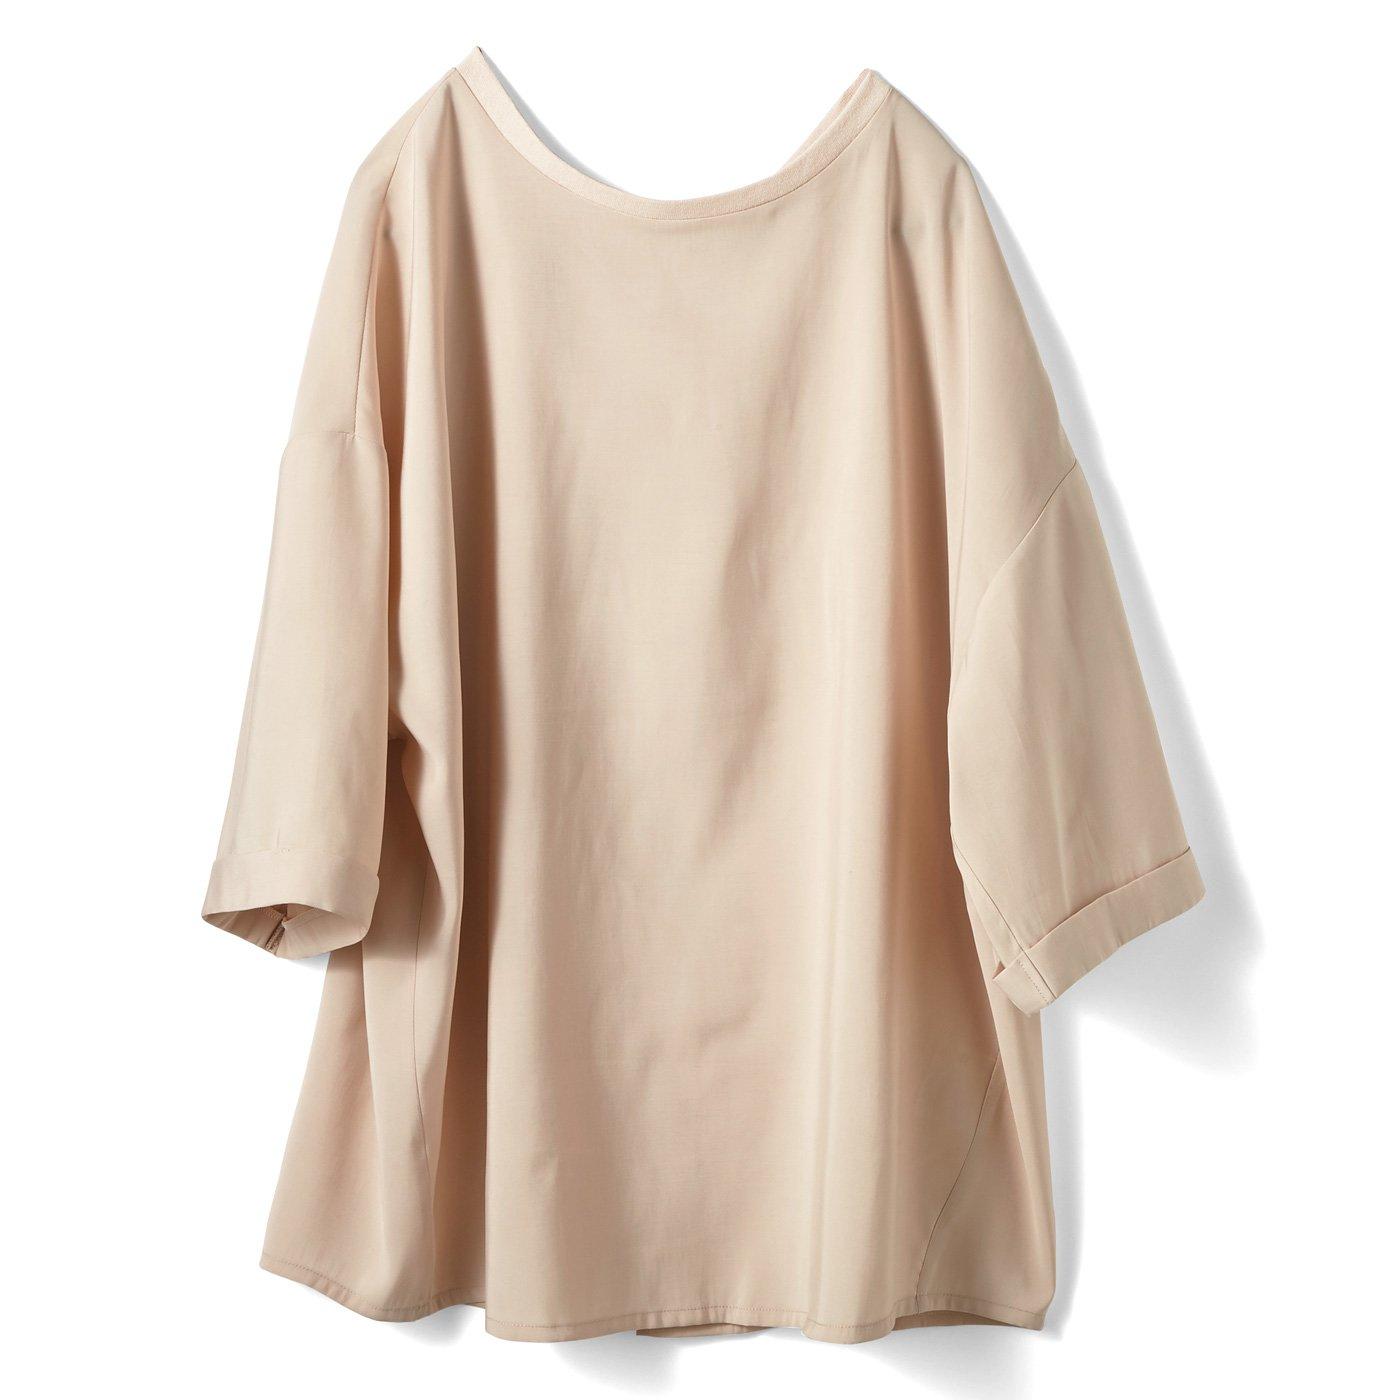 IEDIT[イディット] なめらか素材のTシャツみたいなカジュアルブラウス〈エクリュベージュ〉